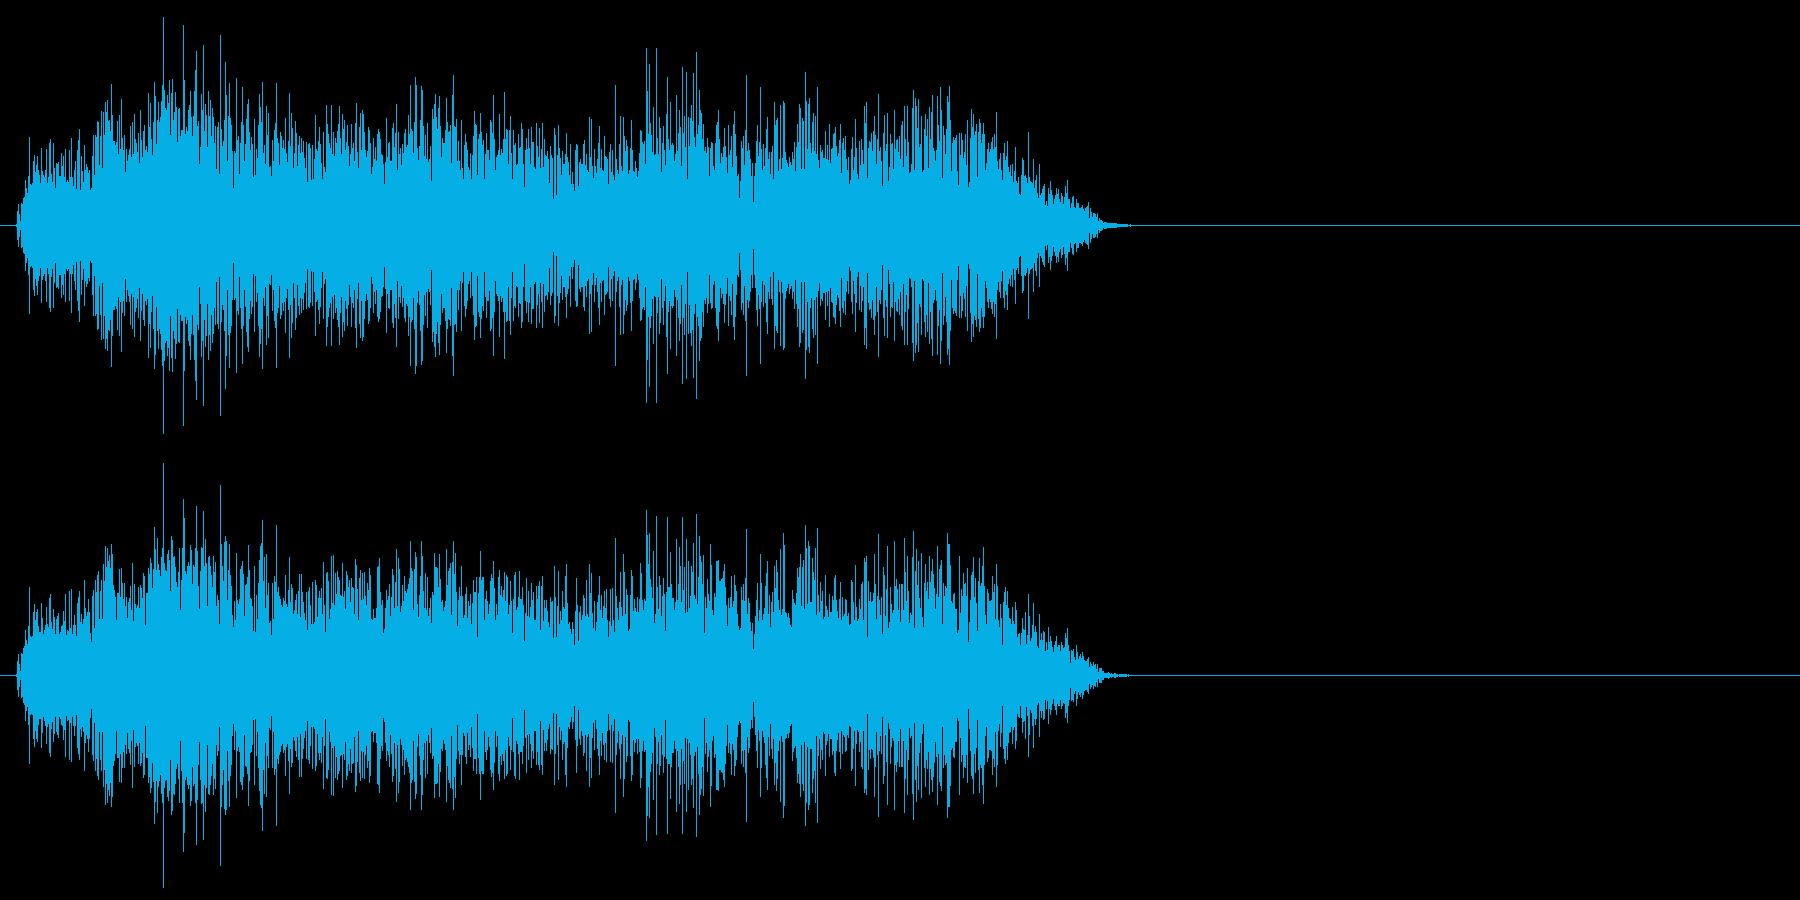 がおーの再生済みの波形